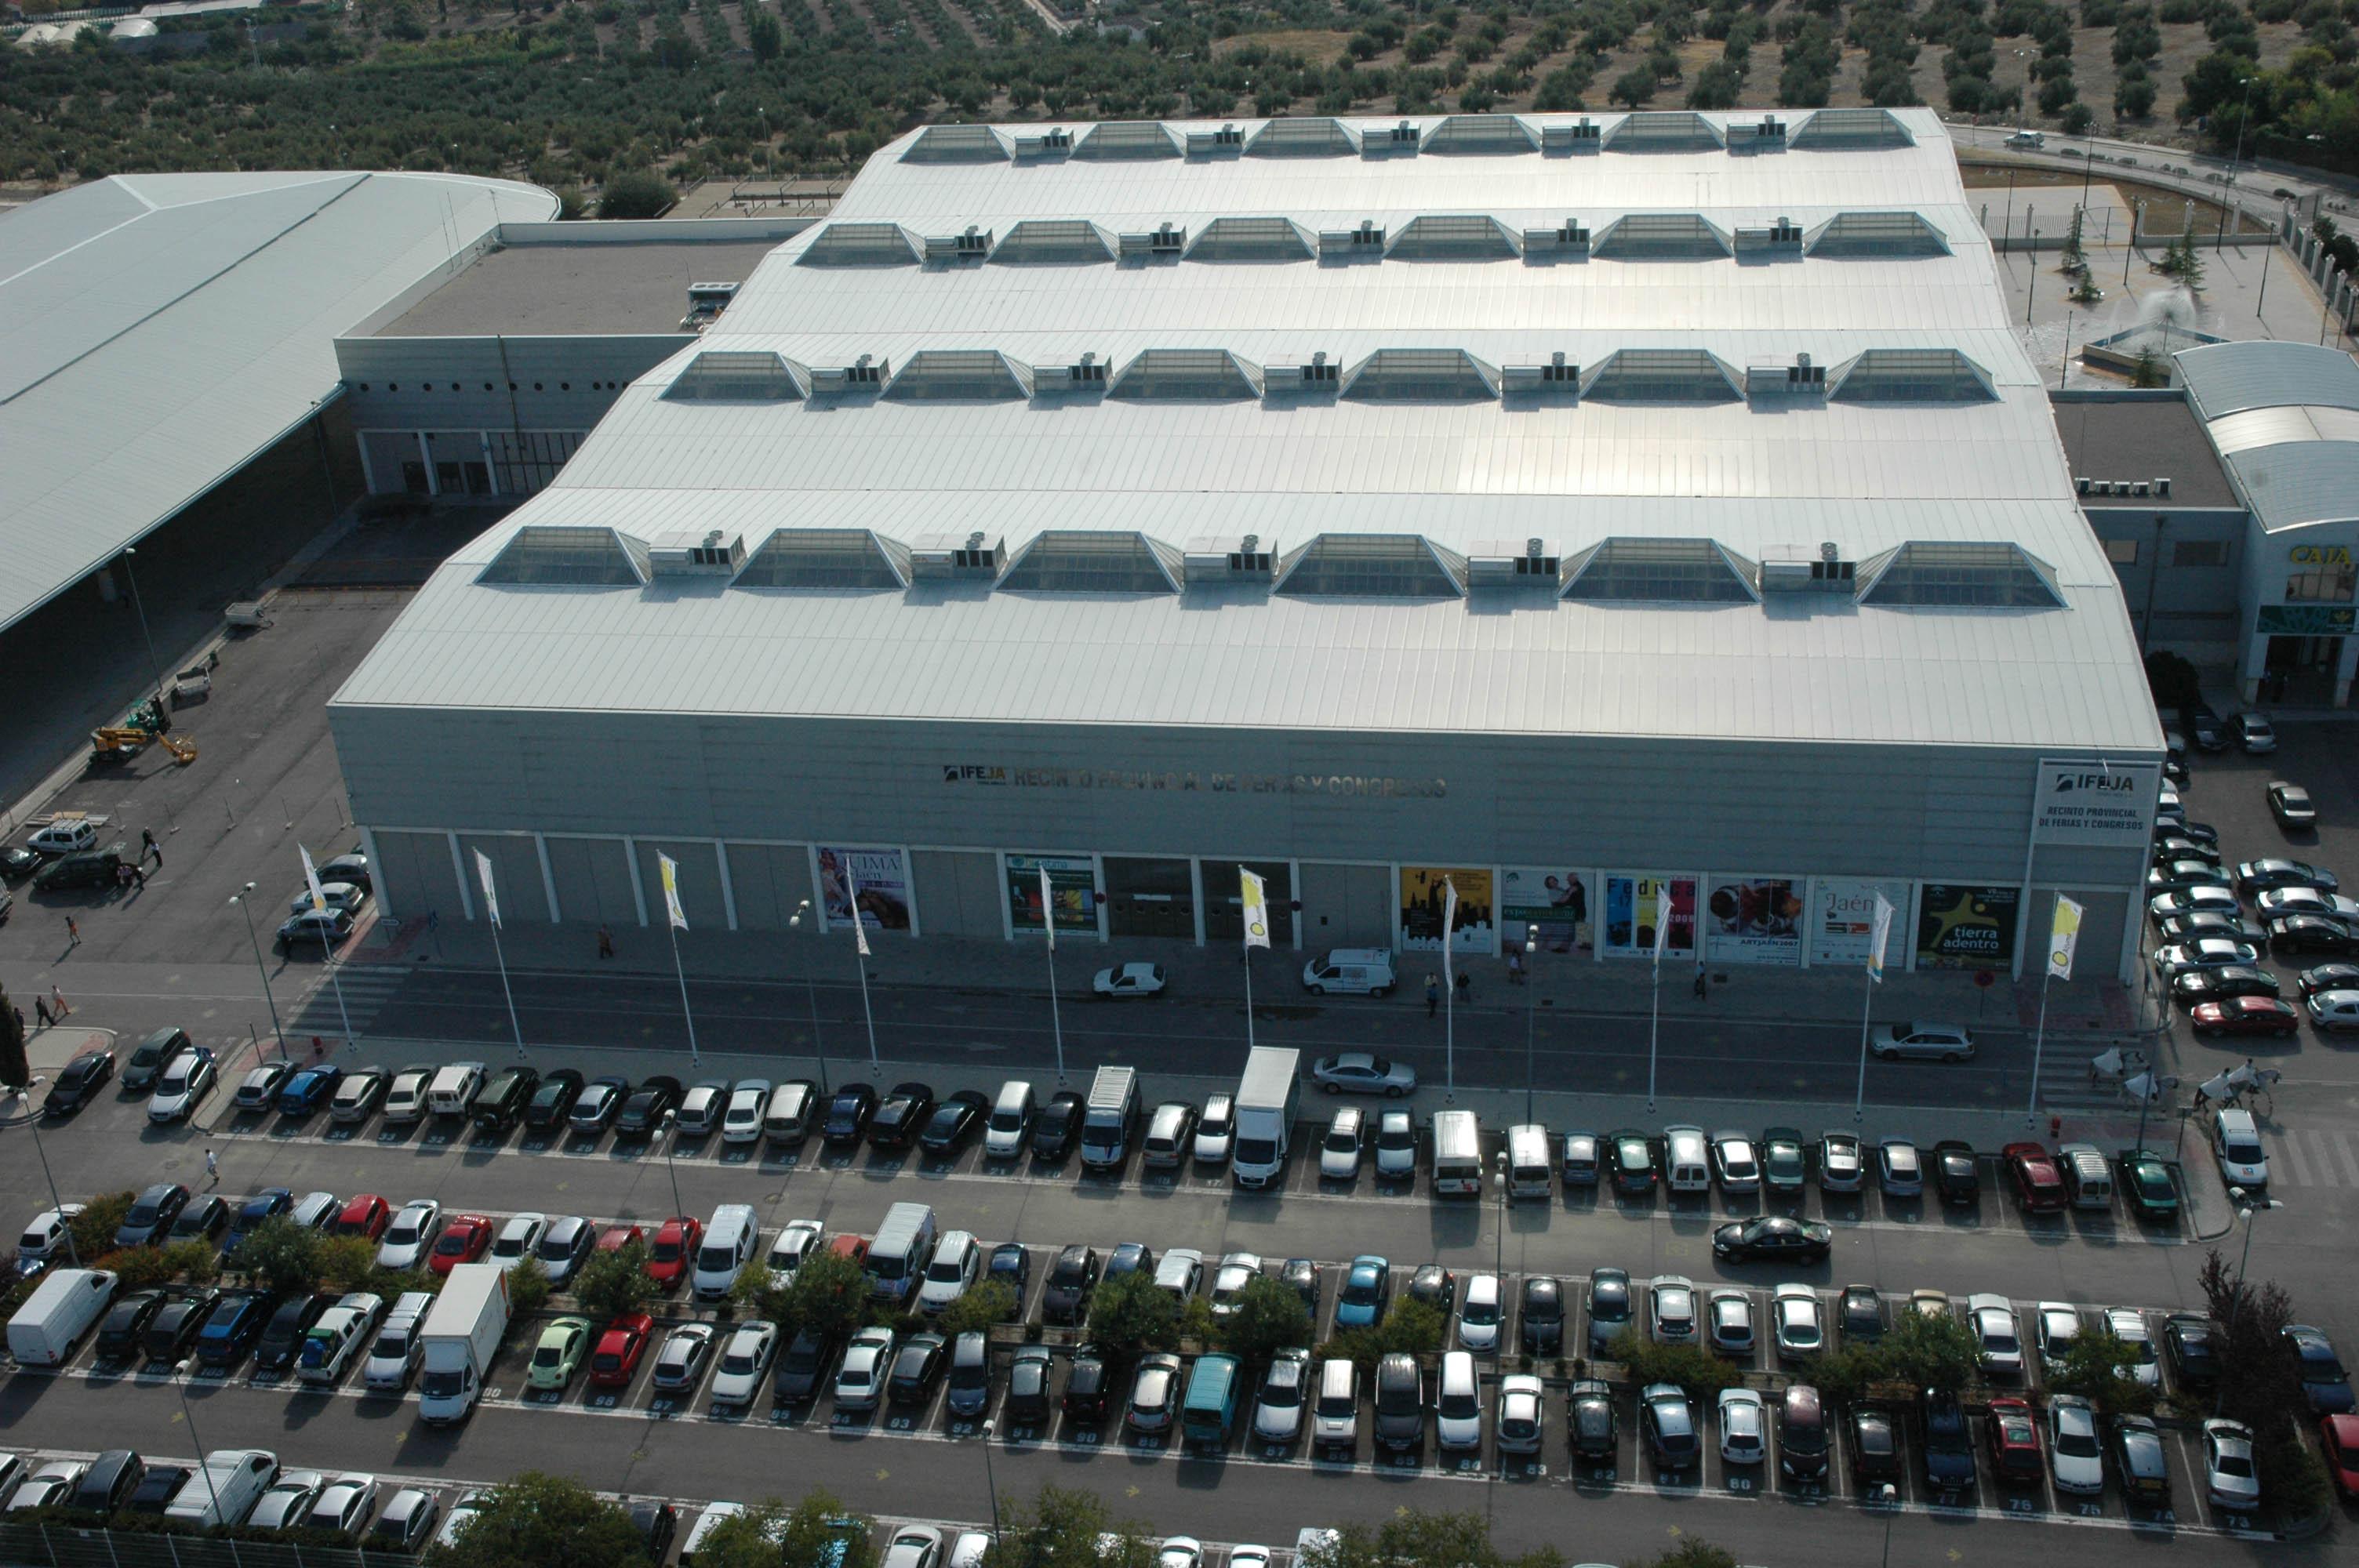 Expoliva habilita cerca de 3.000 plazas de aparcamiento dentro del Recinto de IFEJA para visitantes